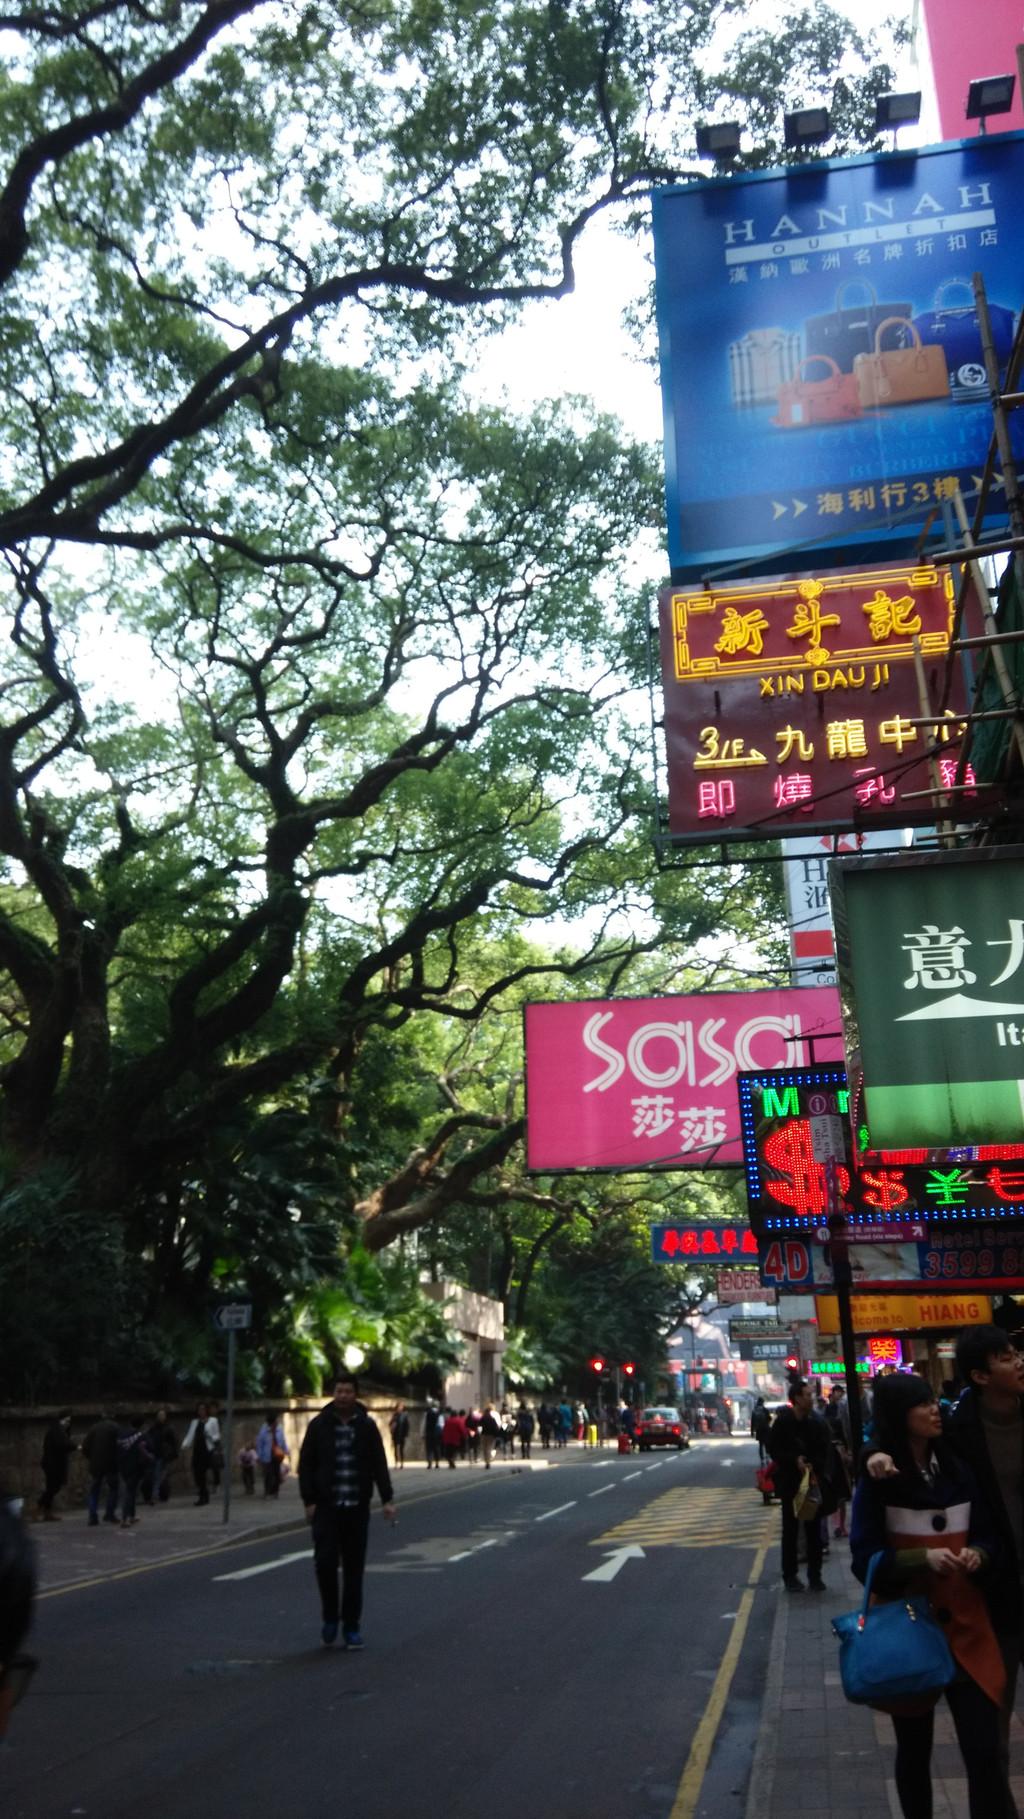 慢游时光—手绘最全的香港一日游攻略(人文无购物) - 香港游记攻略【携程攻略】